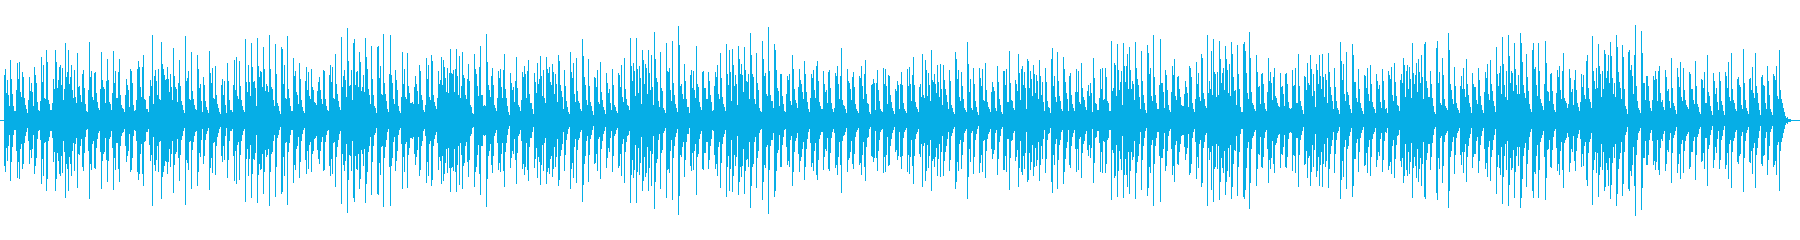 ピチカートのおどけた雰囲気の日常曲の再生済みの波形